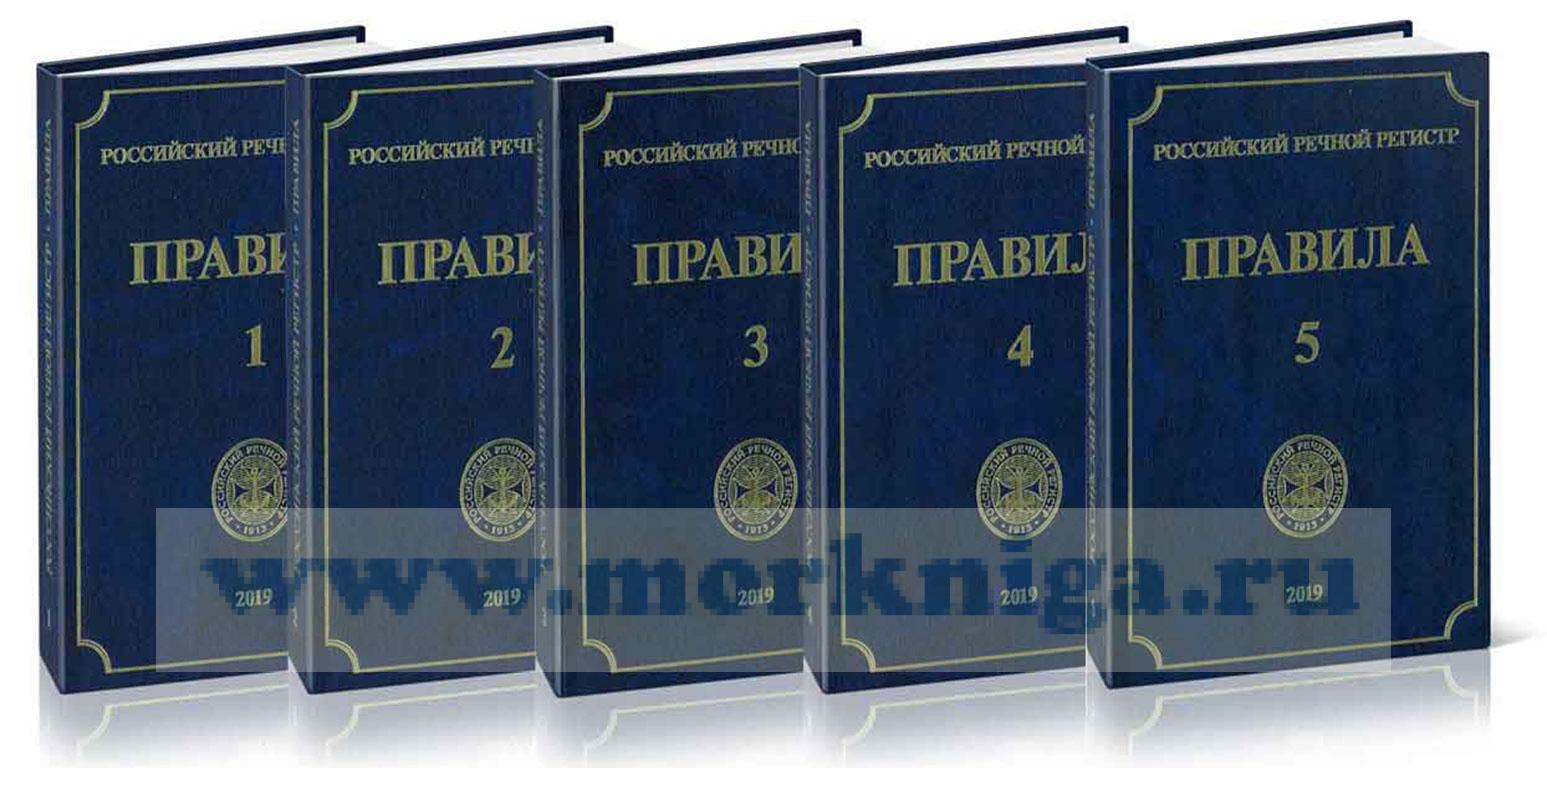 Правила Российского Речного Регистра в 5 томах, 2019 год